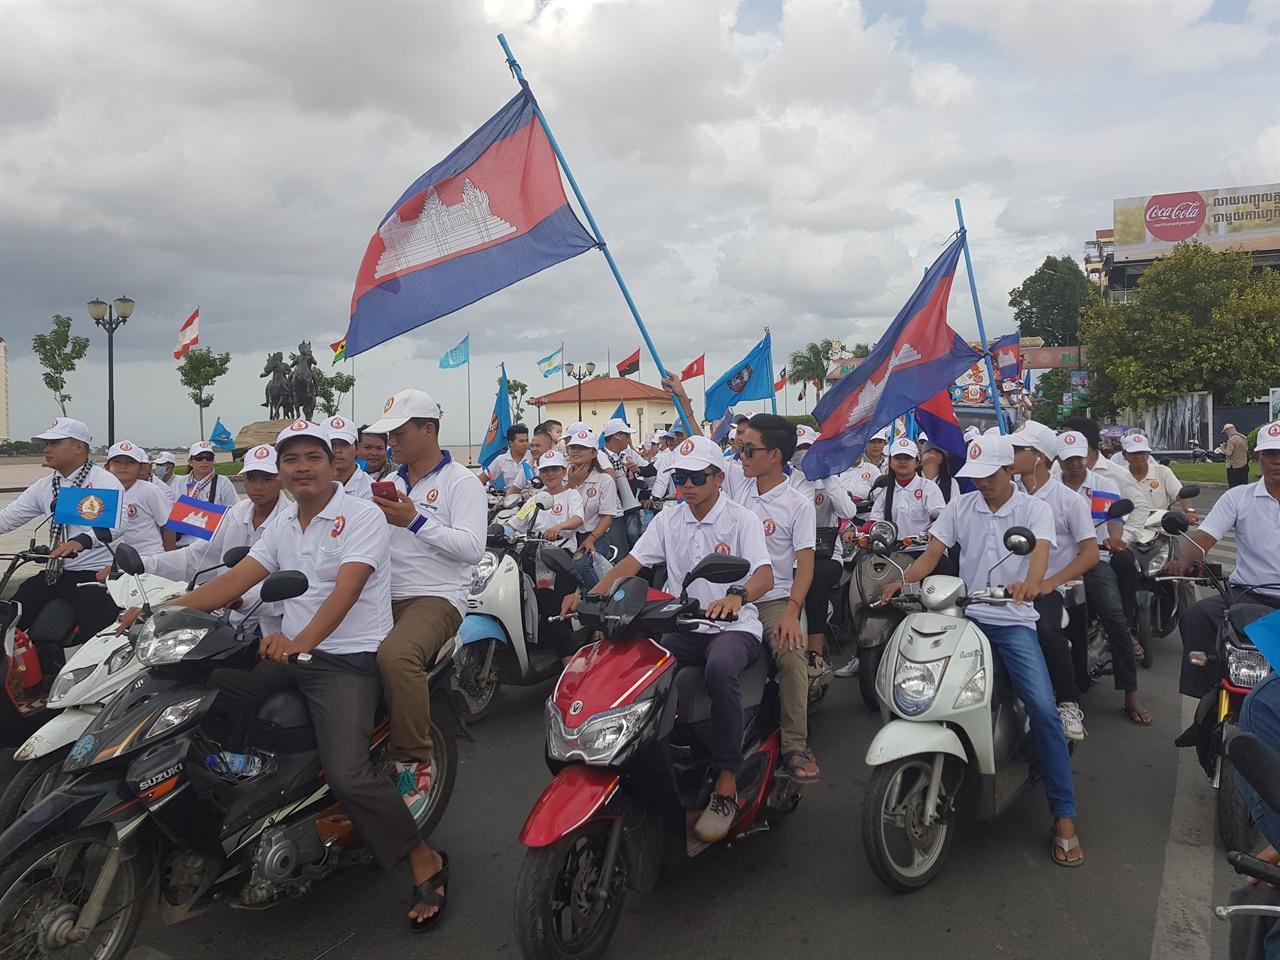 공식선거유세기간 마지막날인 지난 7월 27일 프놈펜시내 거리유세에 나선 집권 인민당(CPP) 지지자들의 모습.